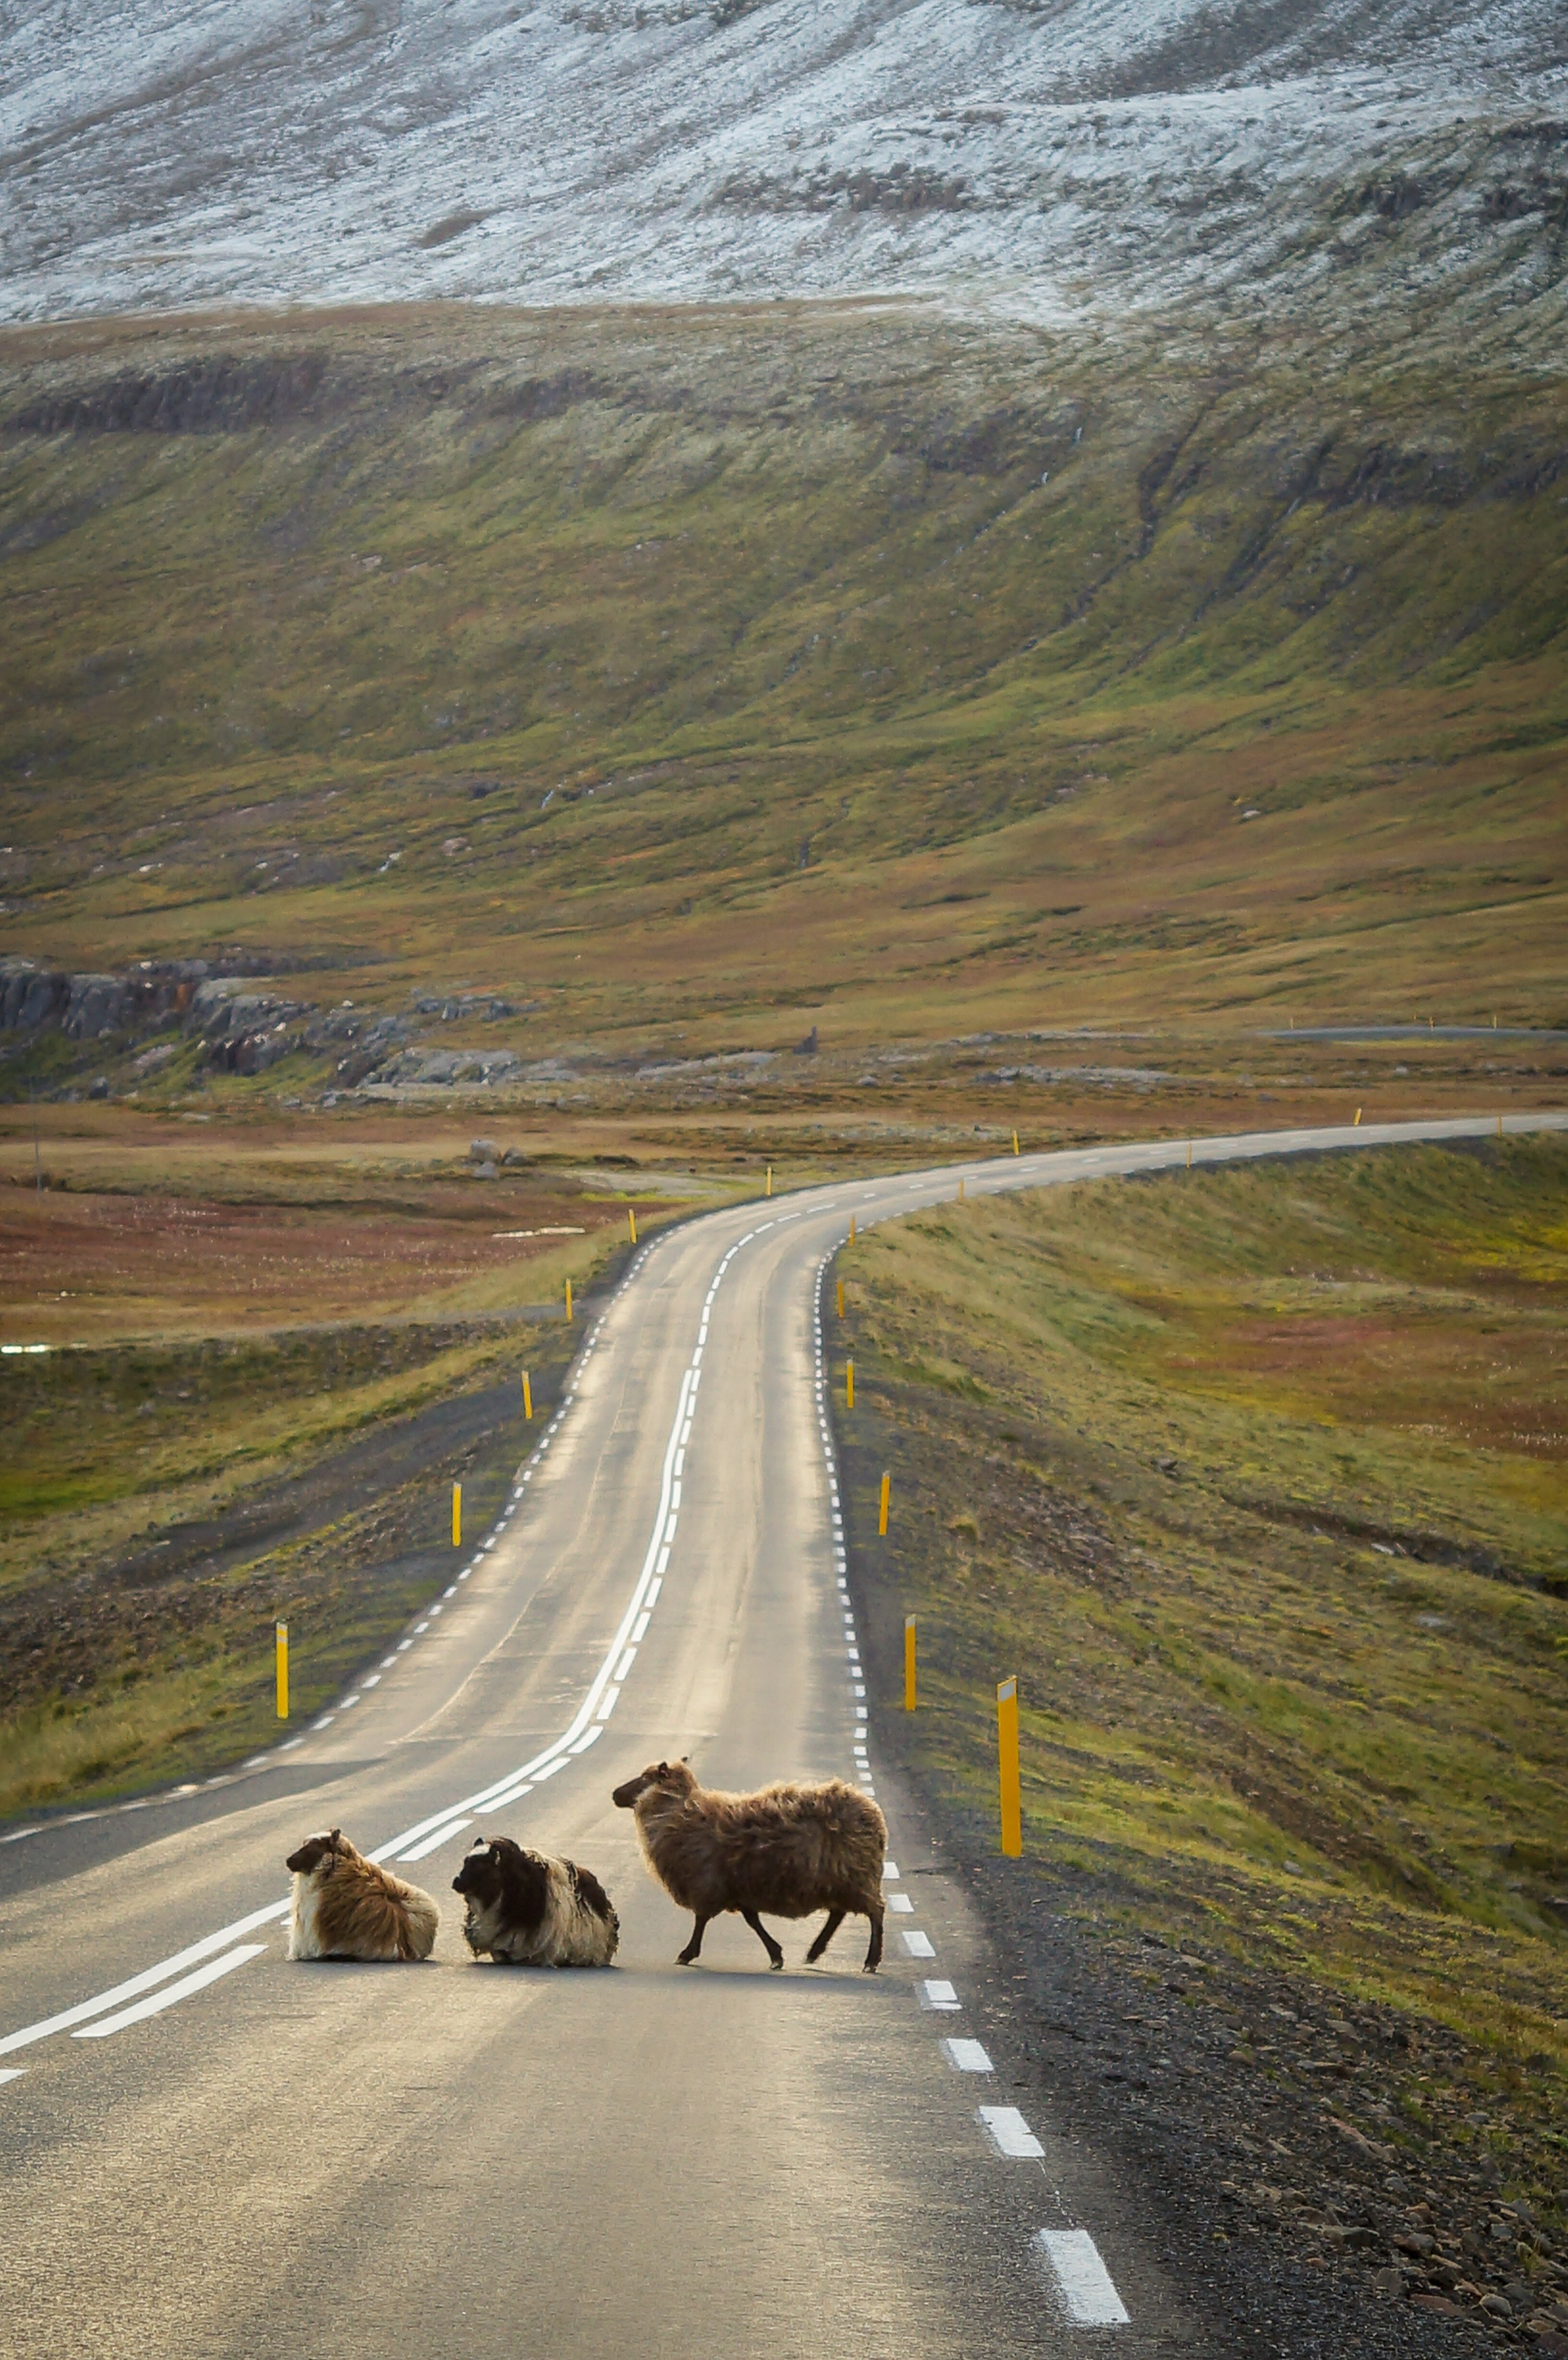 asphalt-countryside-crossing-318427.jpg